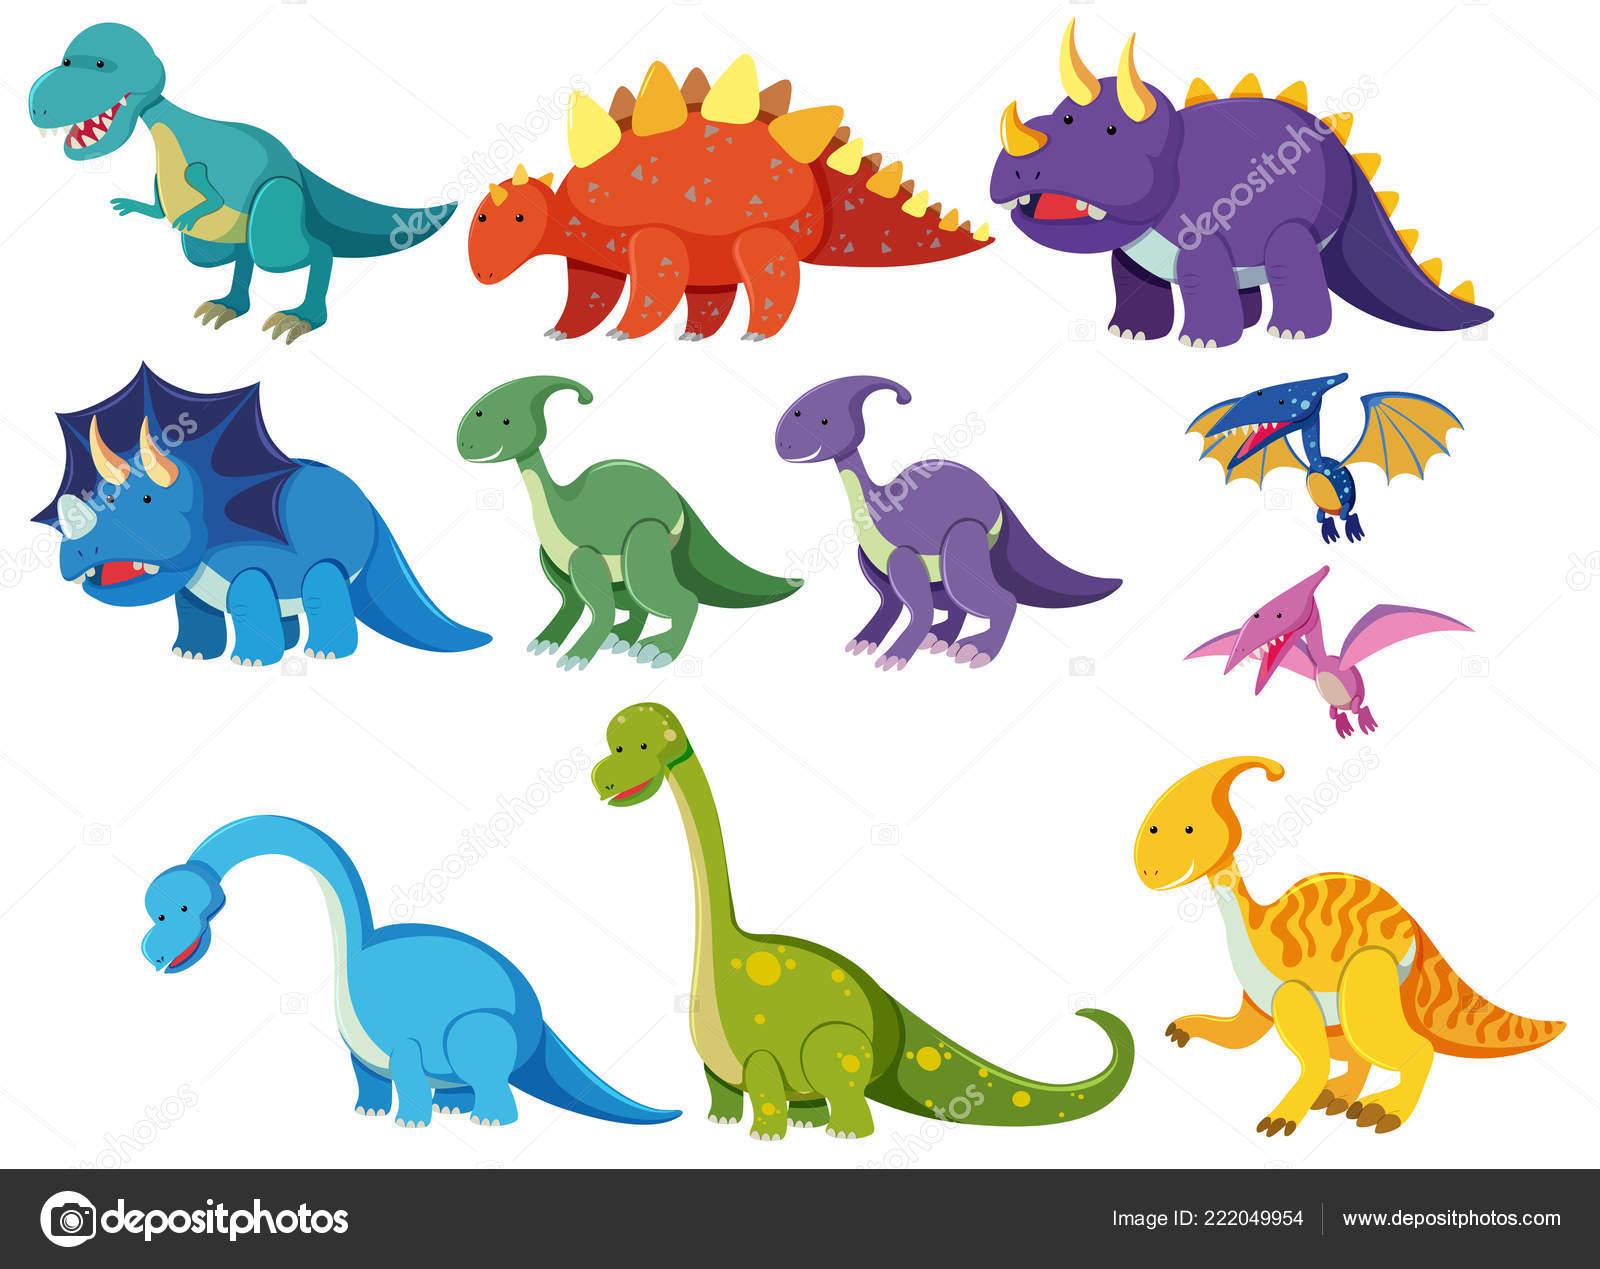 Dibujos De Dinosaurios: Conjunto Ilustración Dinosaurios Dibujos Animados